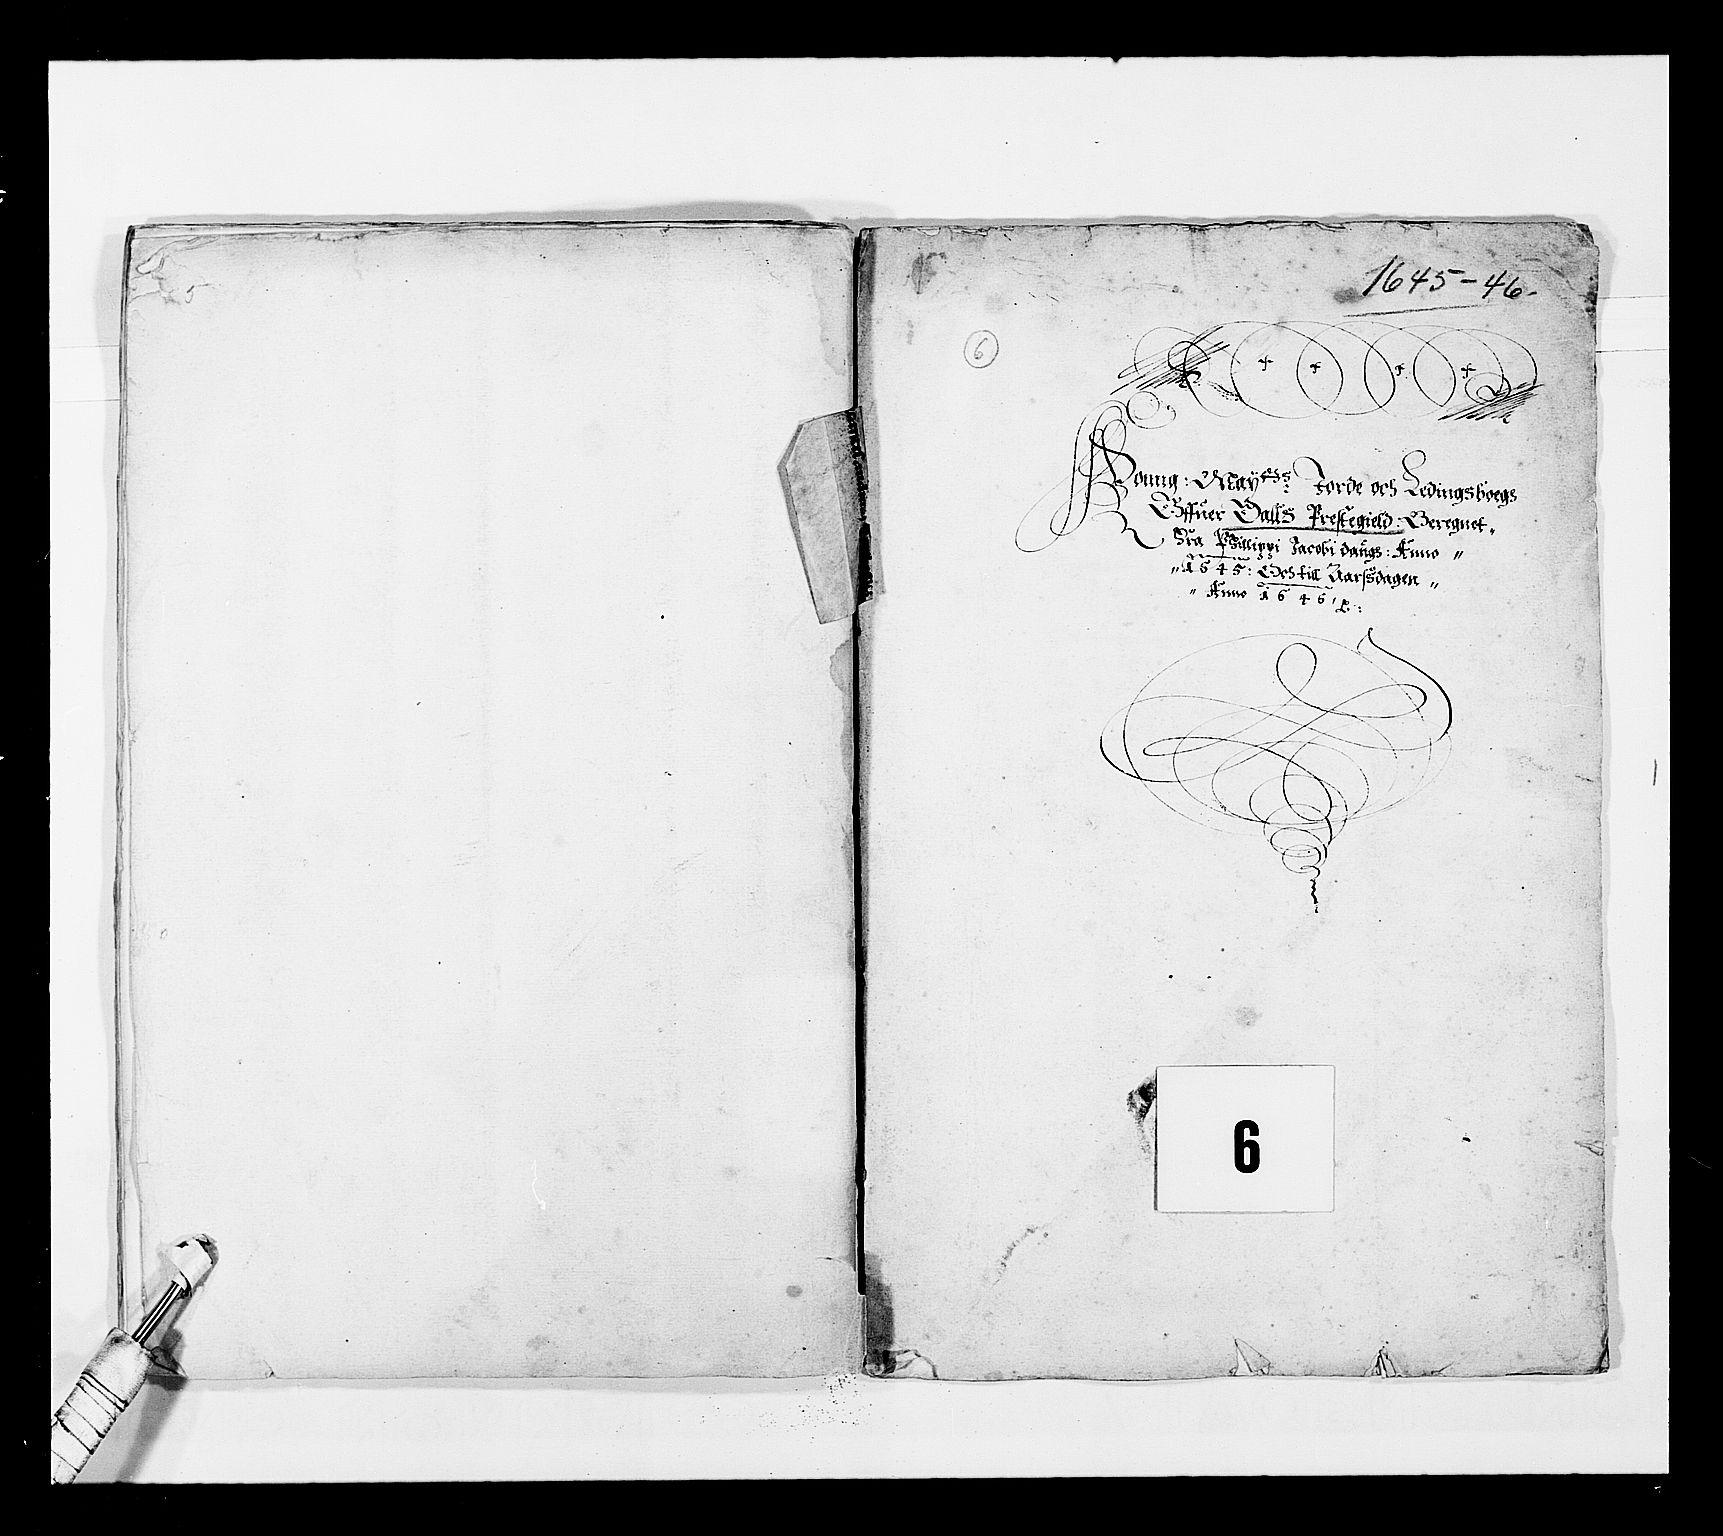 RA, Stattholderembetet 1572-1771, Ek/L0025: Jordebøker 1633-1658:, 1645-1646, s. 141